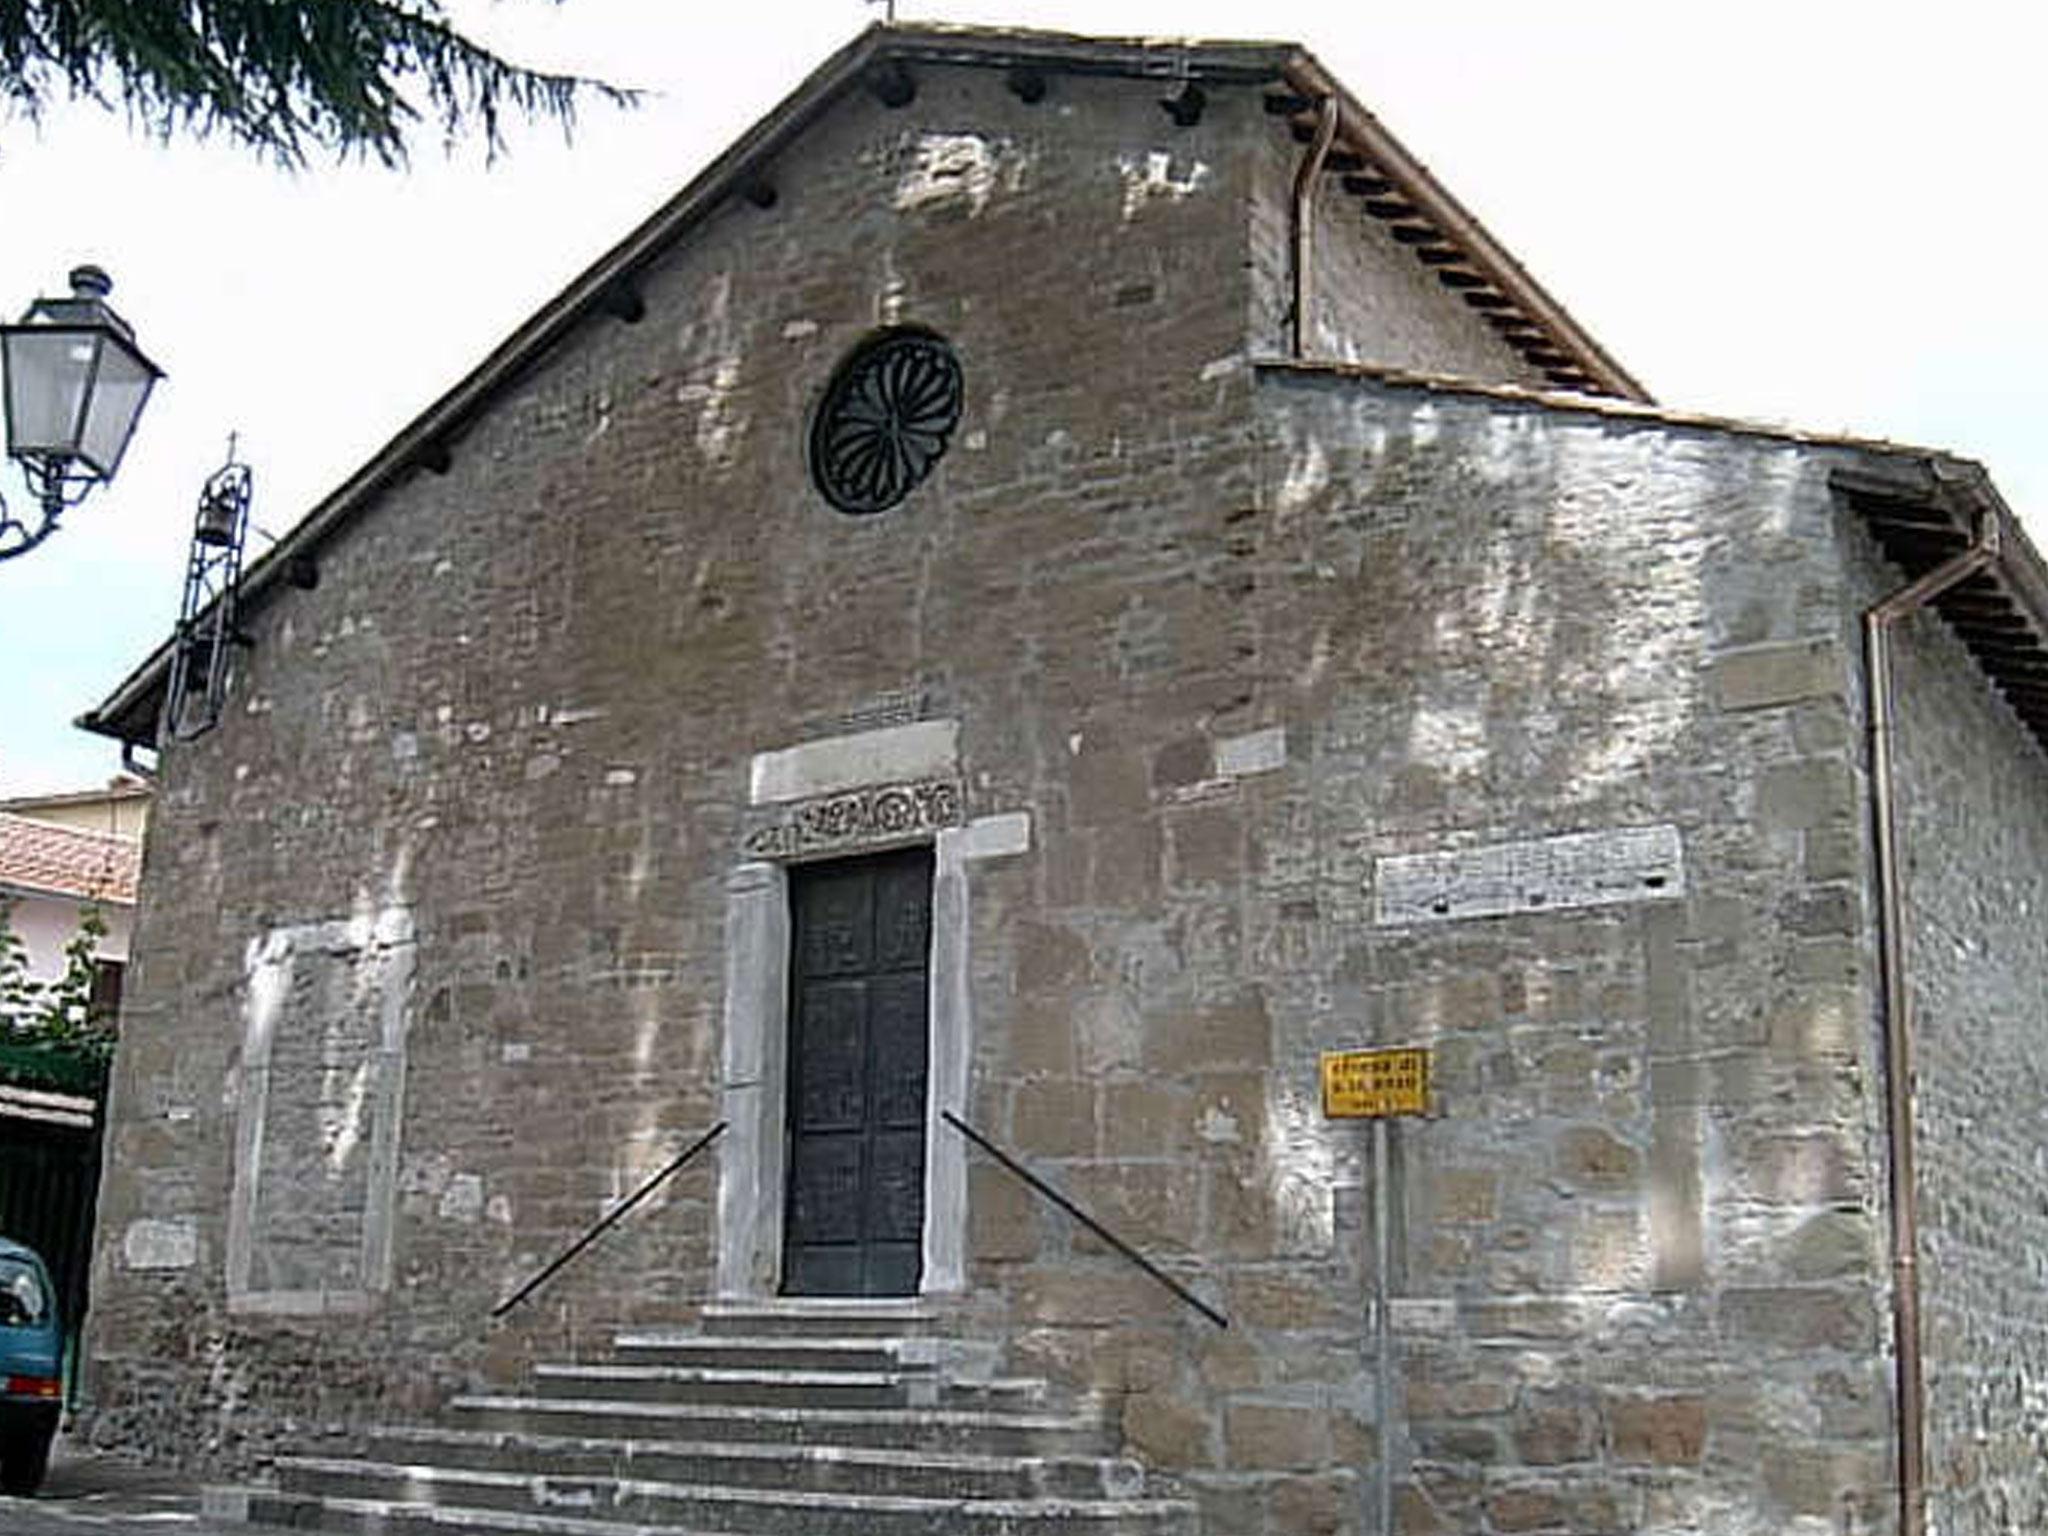 cave-verifiche-tecniche-chiesa-slorenzo